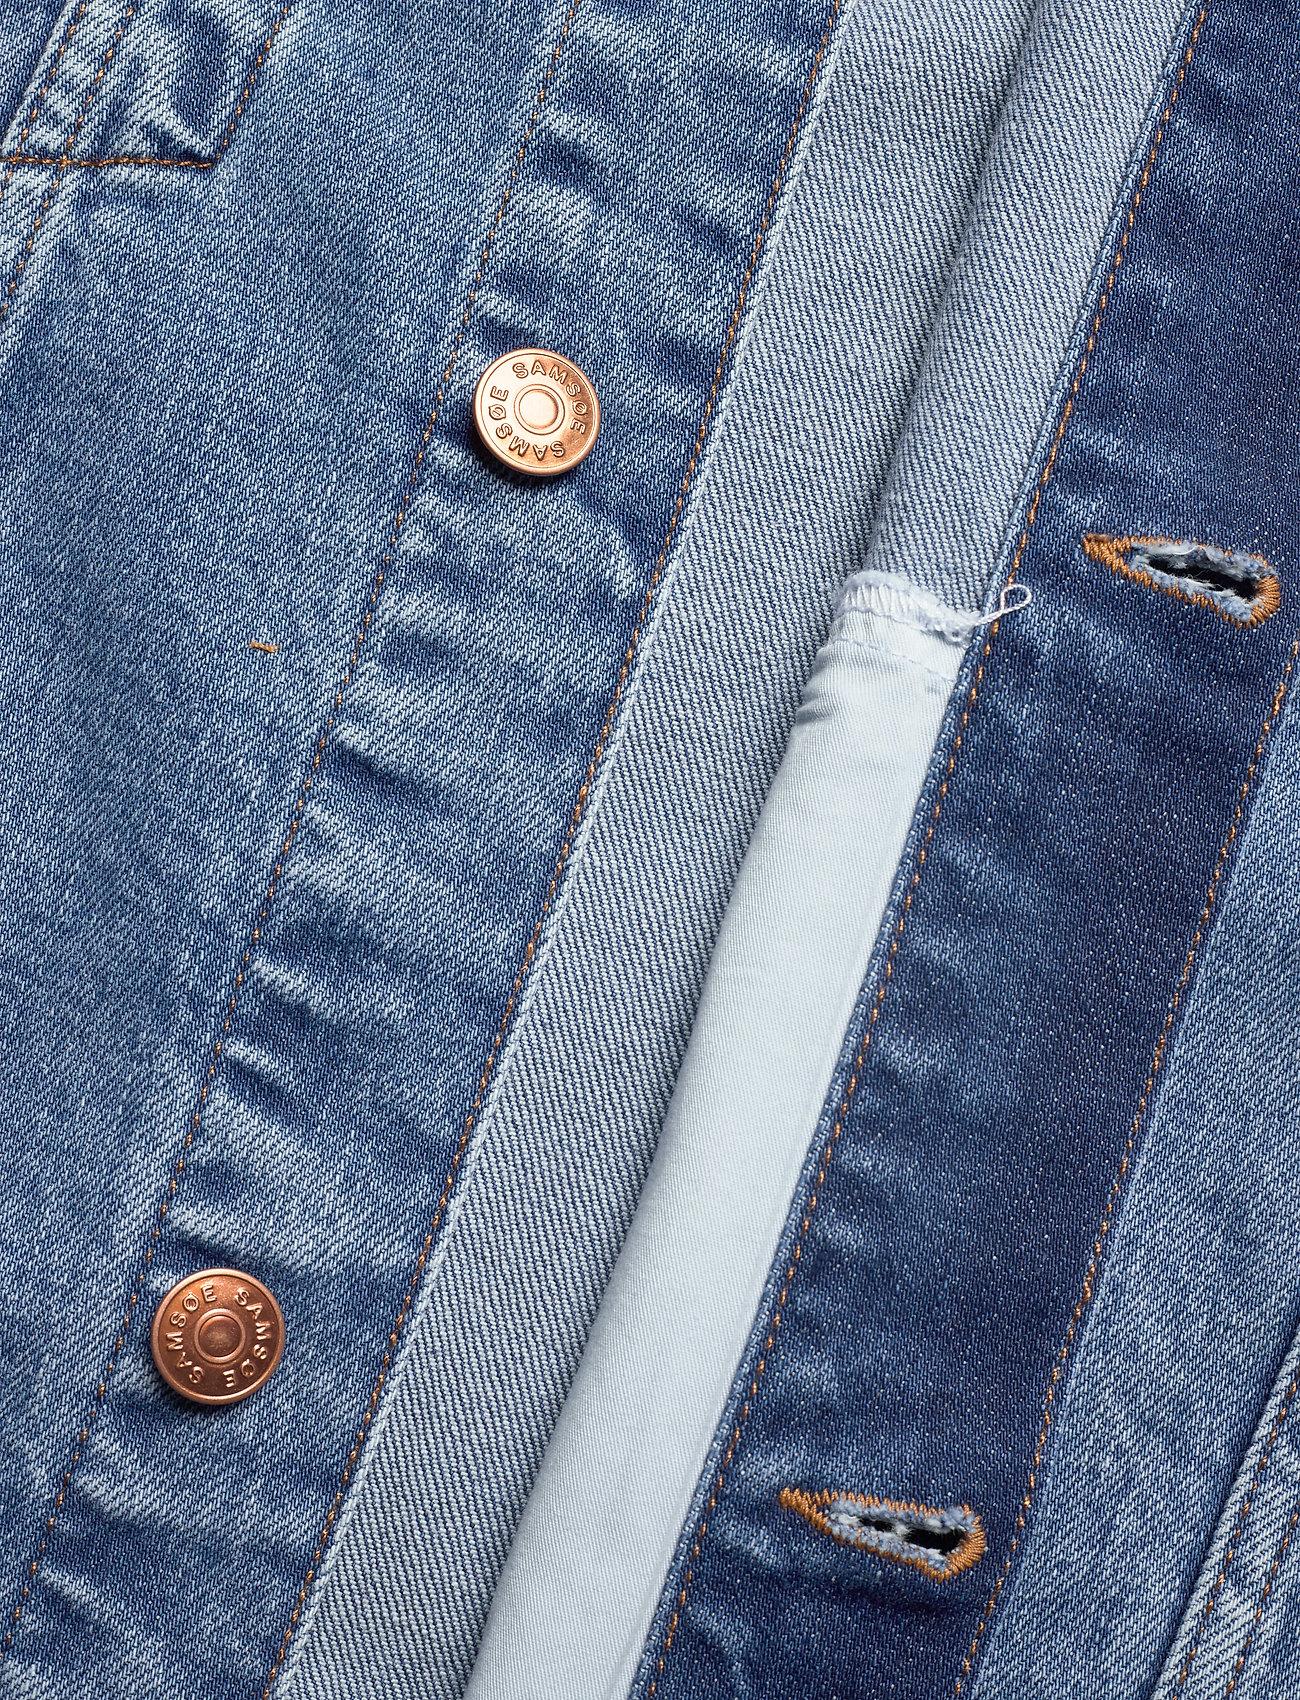 Laust Jacket 11354 (Light Ozone Marble) (79.50 €) - Samsøe Samsøe ZWy1I